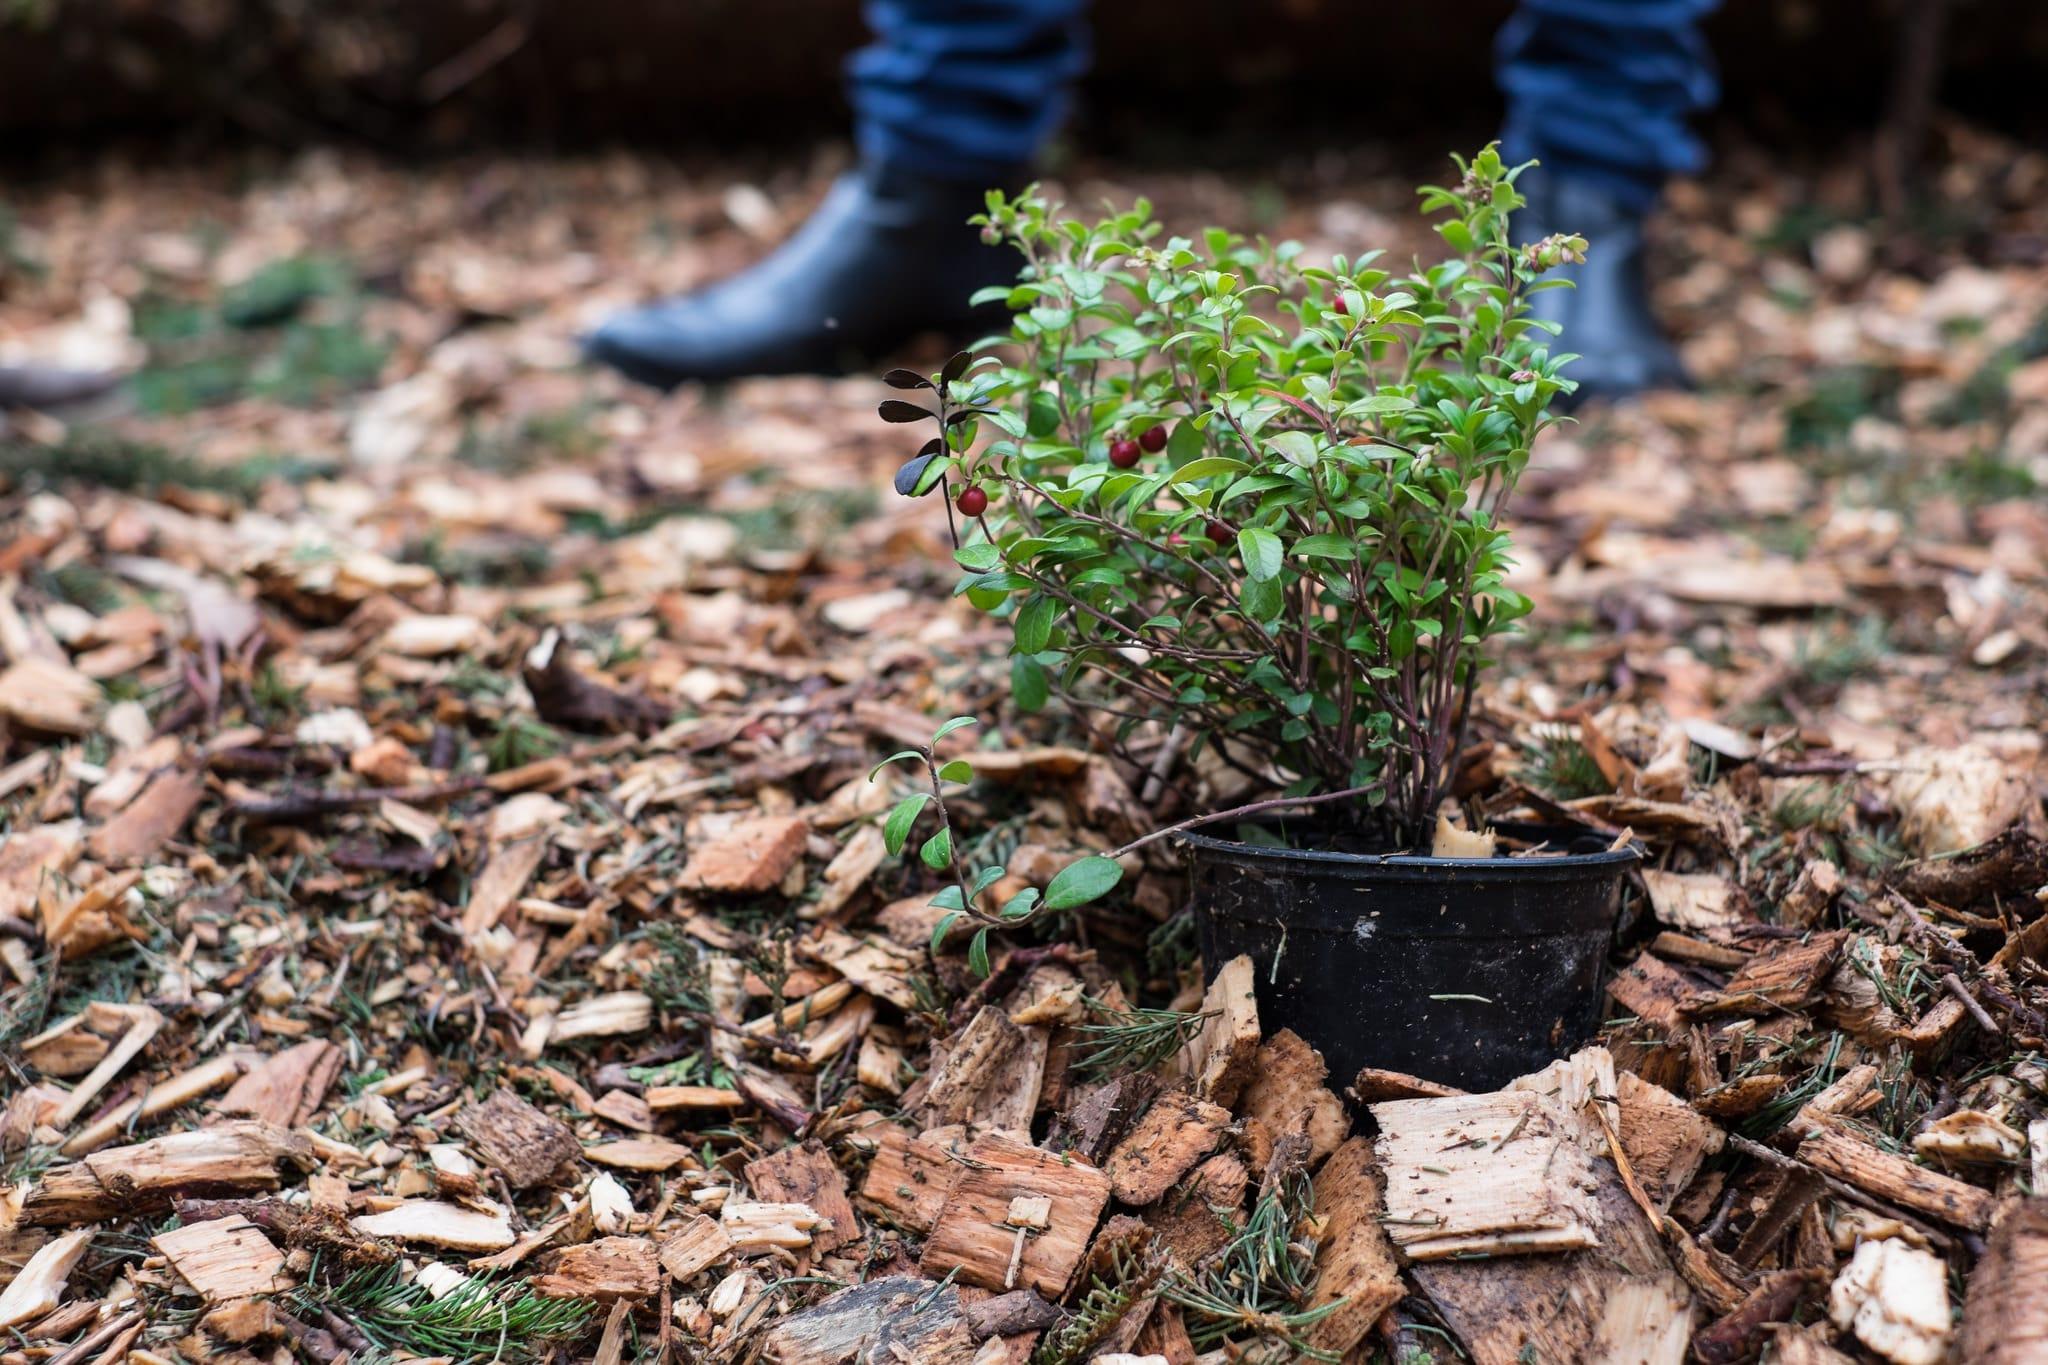 Preiselbeeren bereit zum einpflanzen ins Sauerbeet.